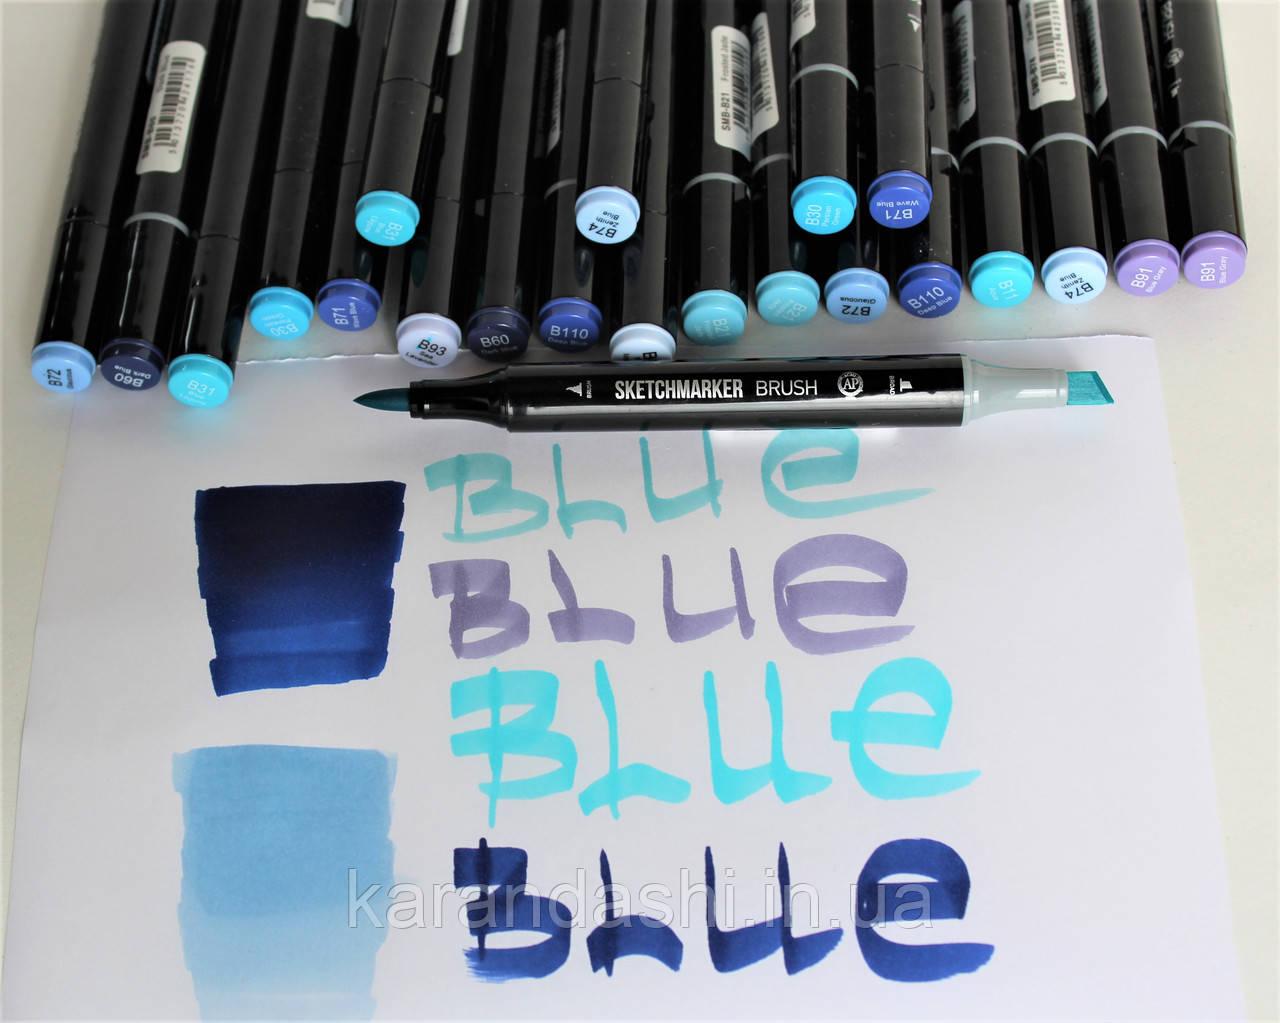 Маркеры SKETCHMARKER BRUSH Blue